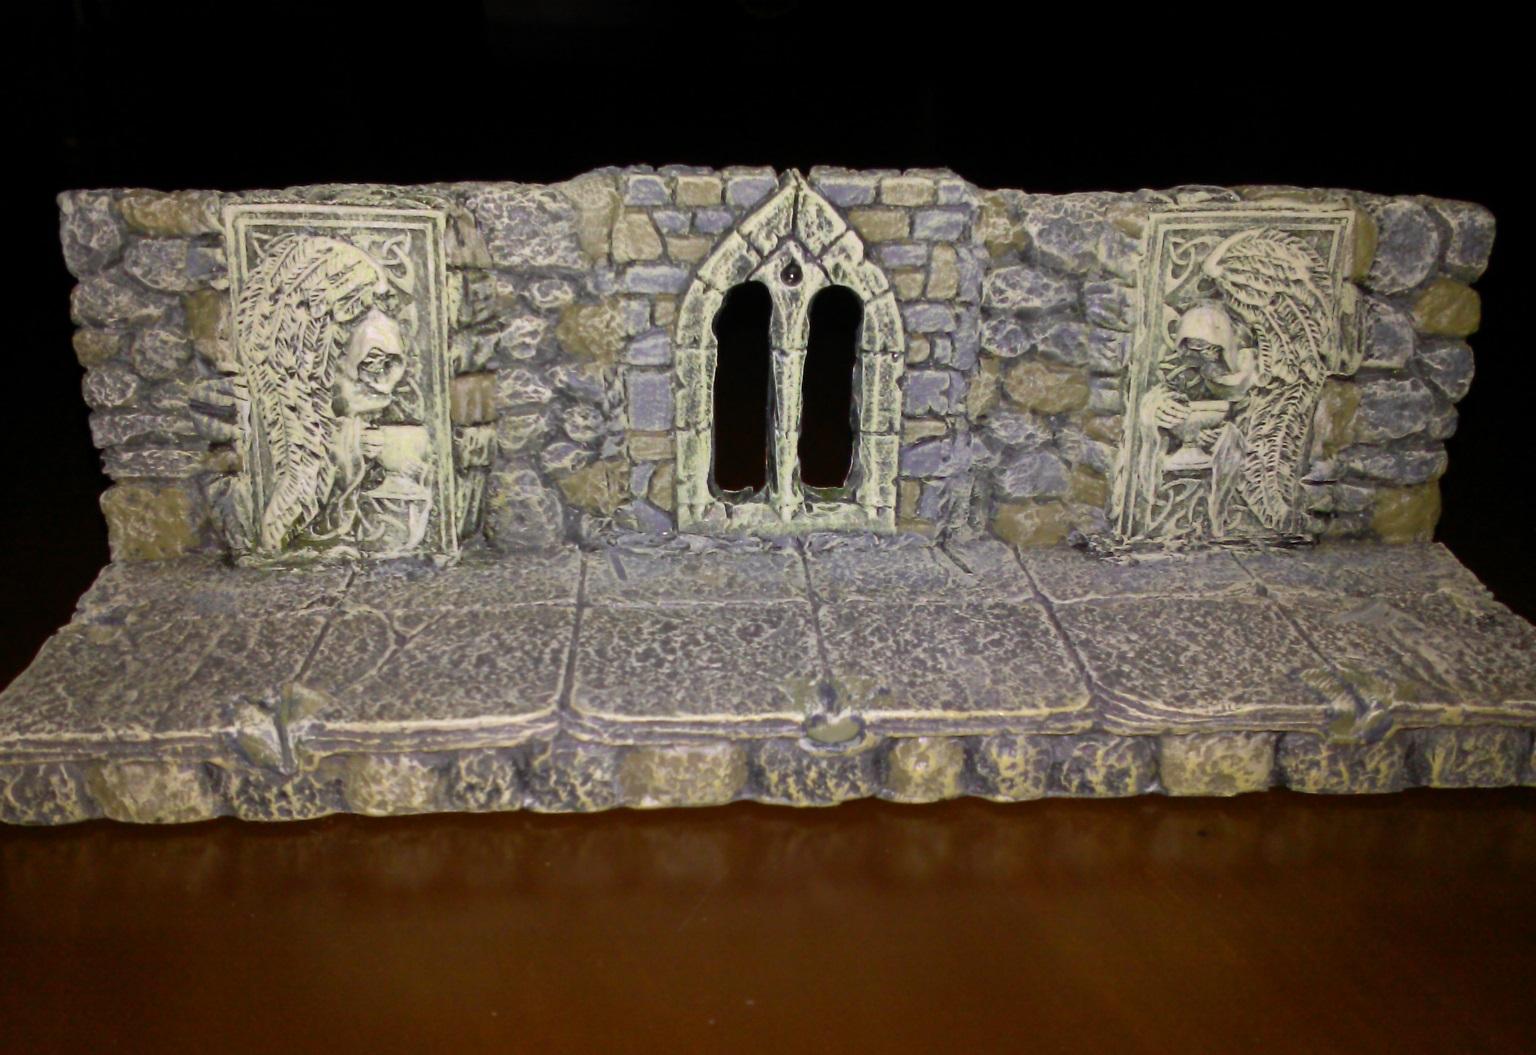 Dwarven Forge Conversion gothic window